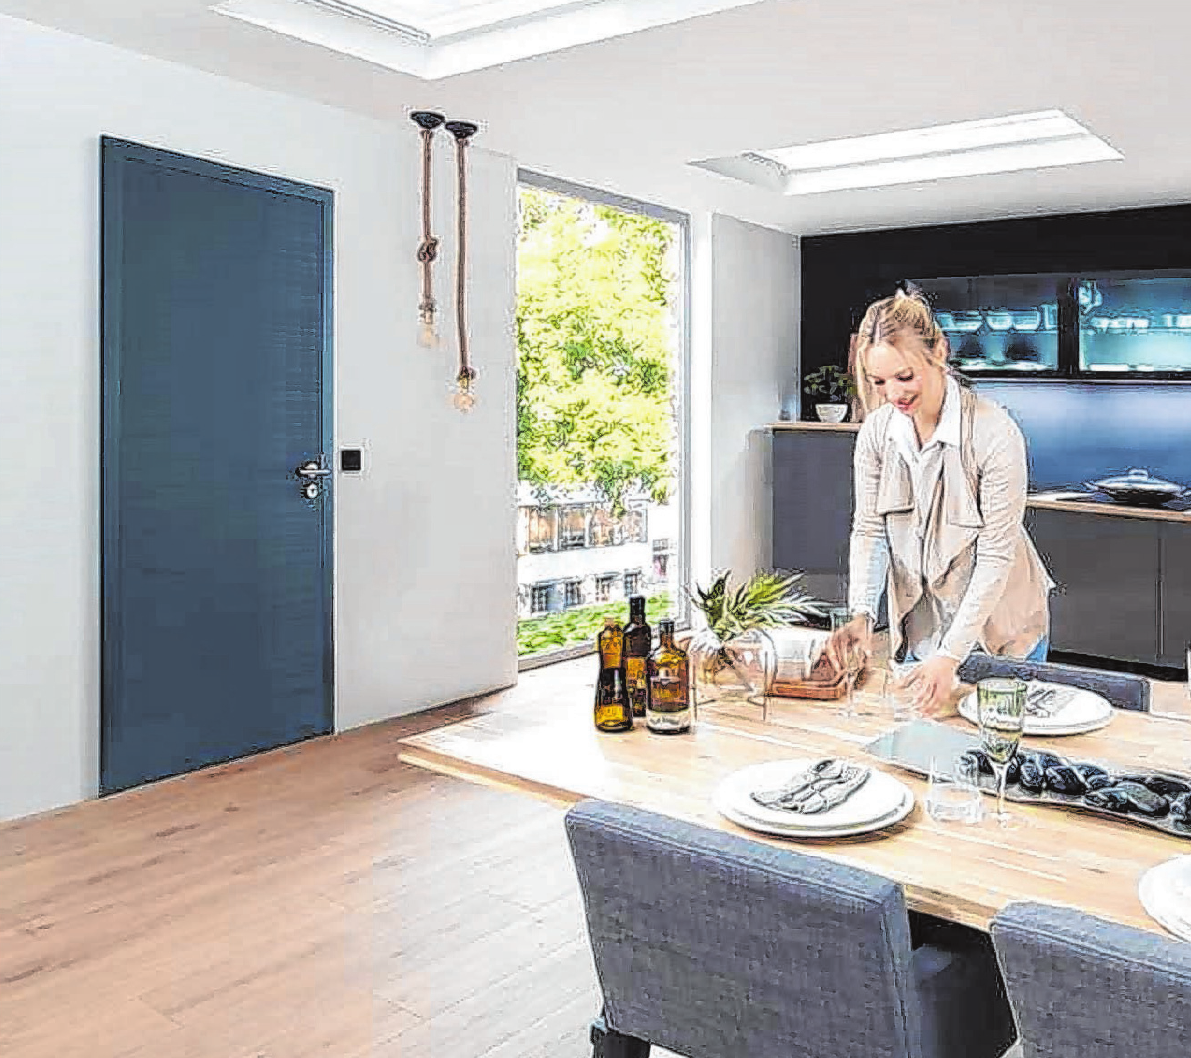 Mehr Individualität für das Zuhause: Bei der Auswahl der Zimmertüren kommt es neben der Funktionalität auch auf das Design an.       Foto: djd/Hörmann